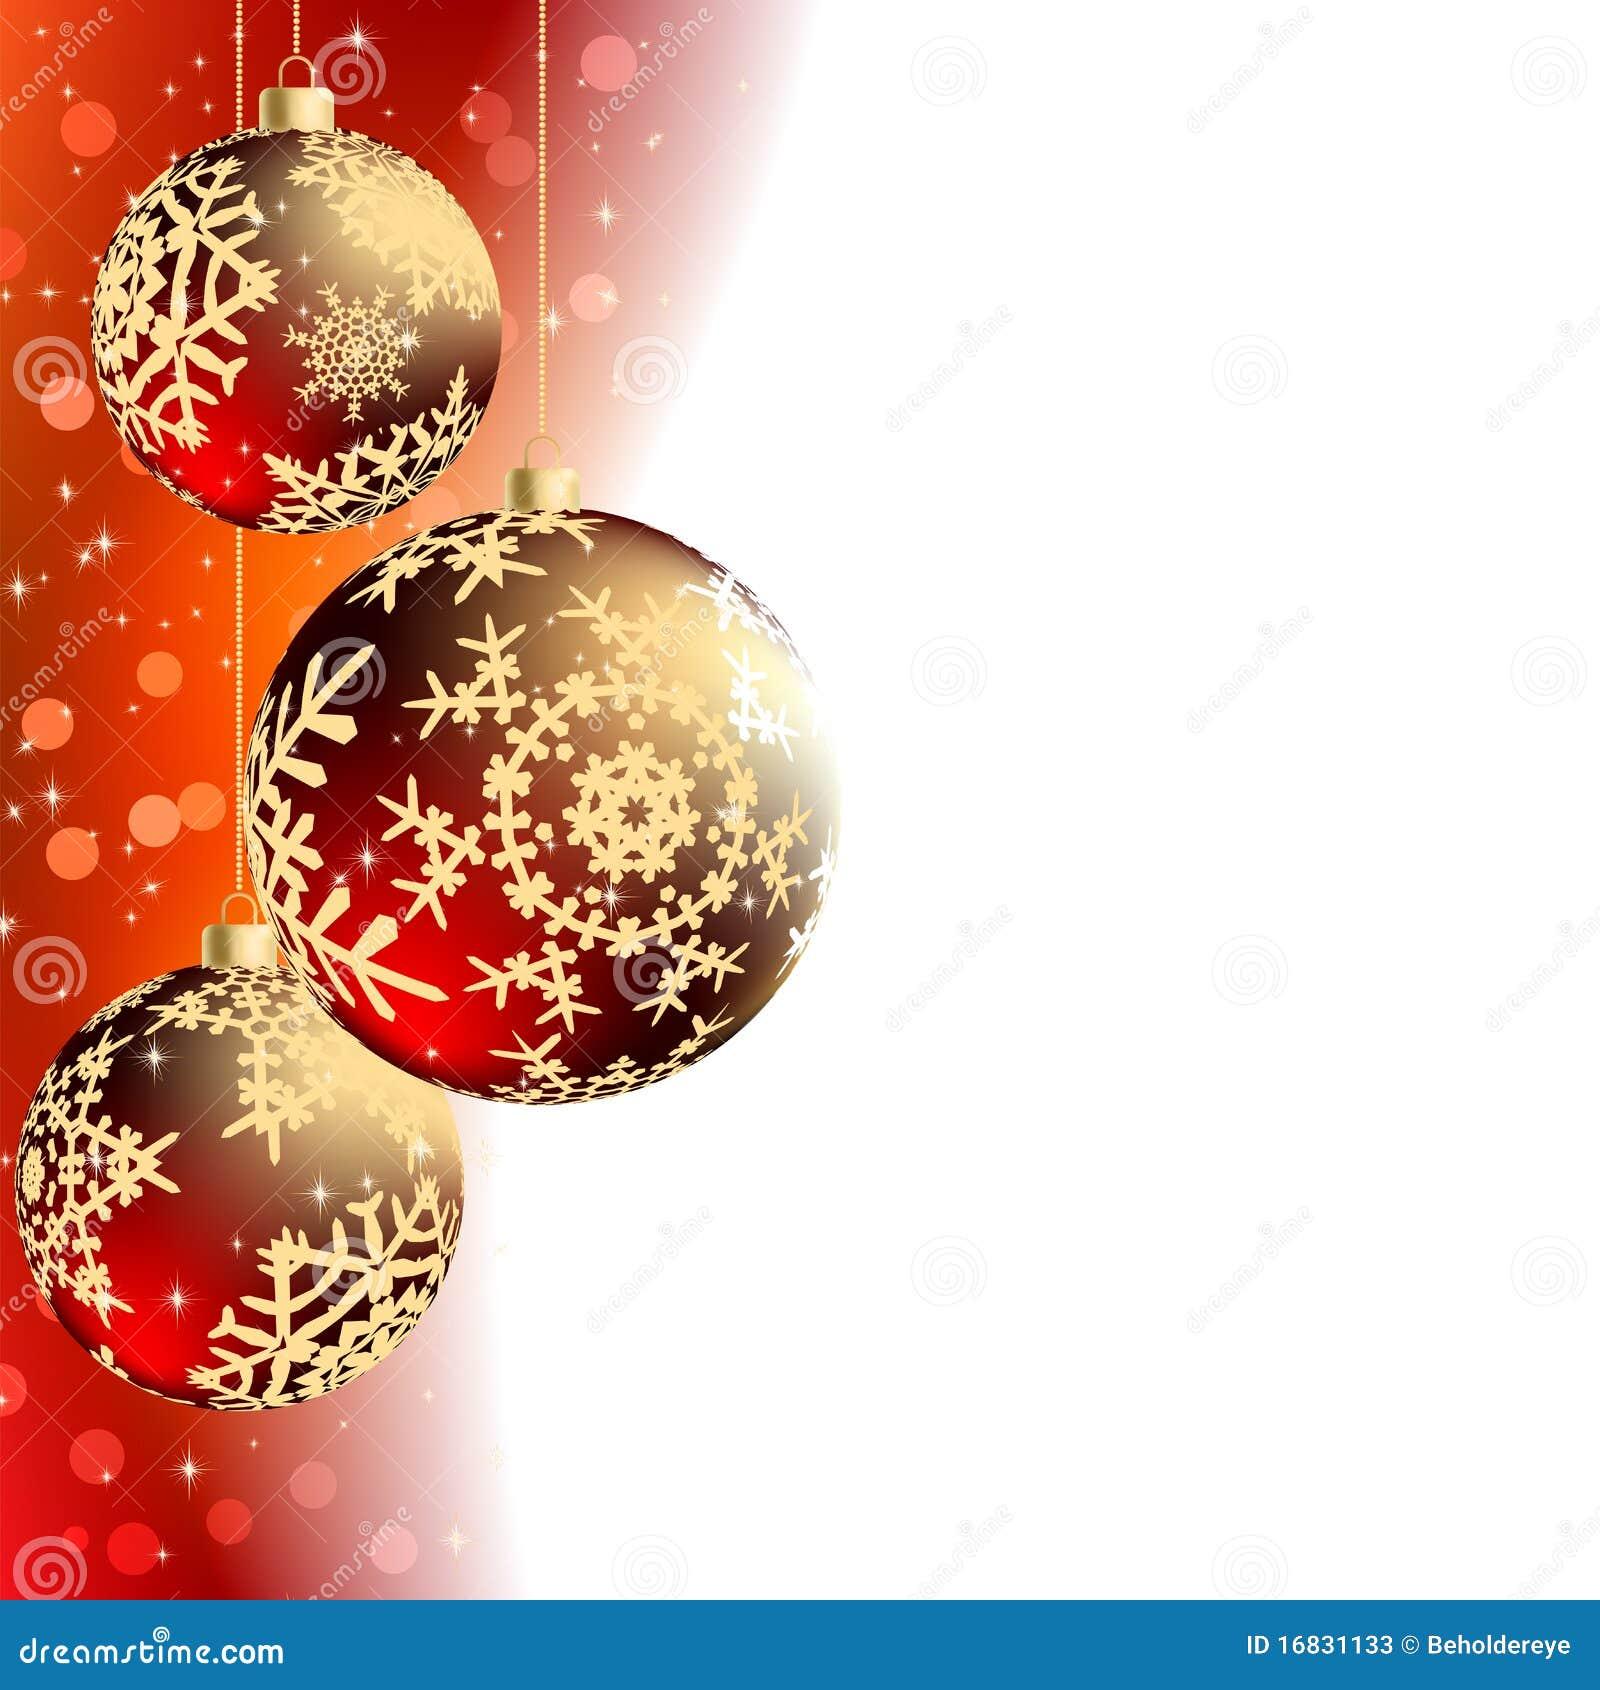 Sfondi Natalizi Eleganti.Scheda Elegante Di Buon Natale Illustrazione Vettoriale